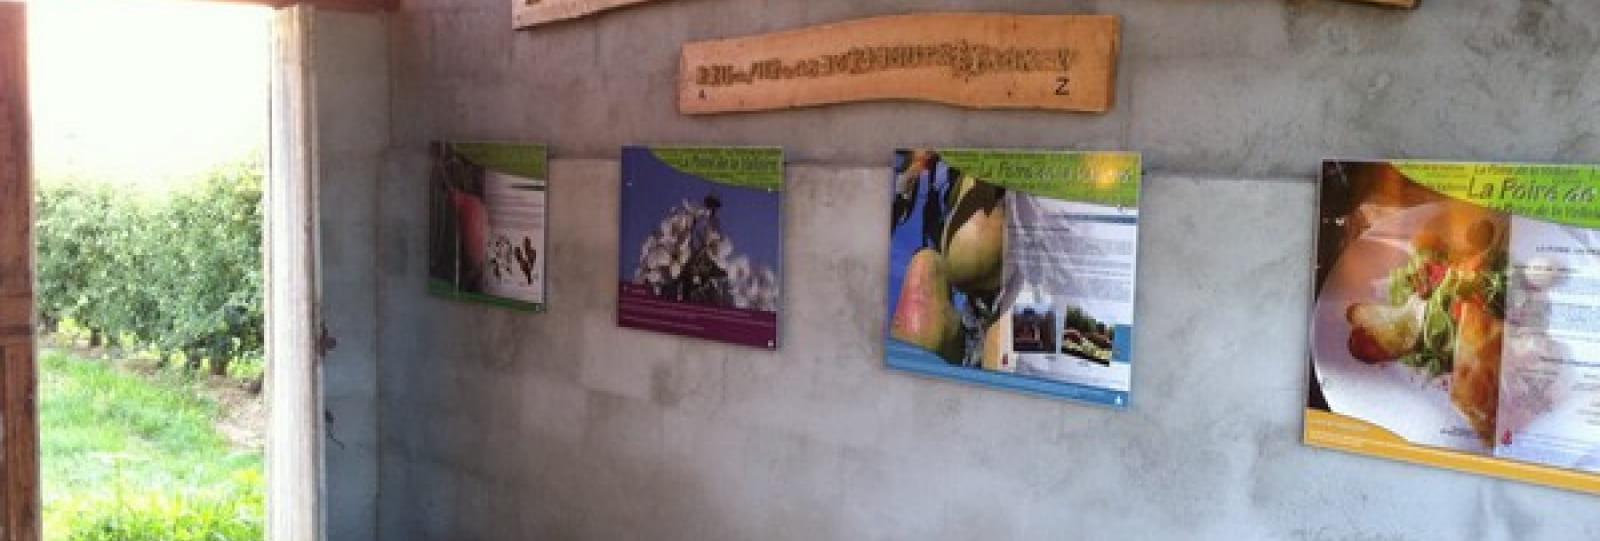 Exposition permanente sur le métier d'arboriculteur